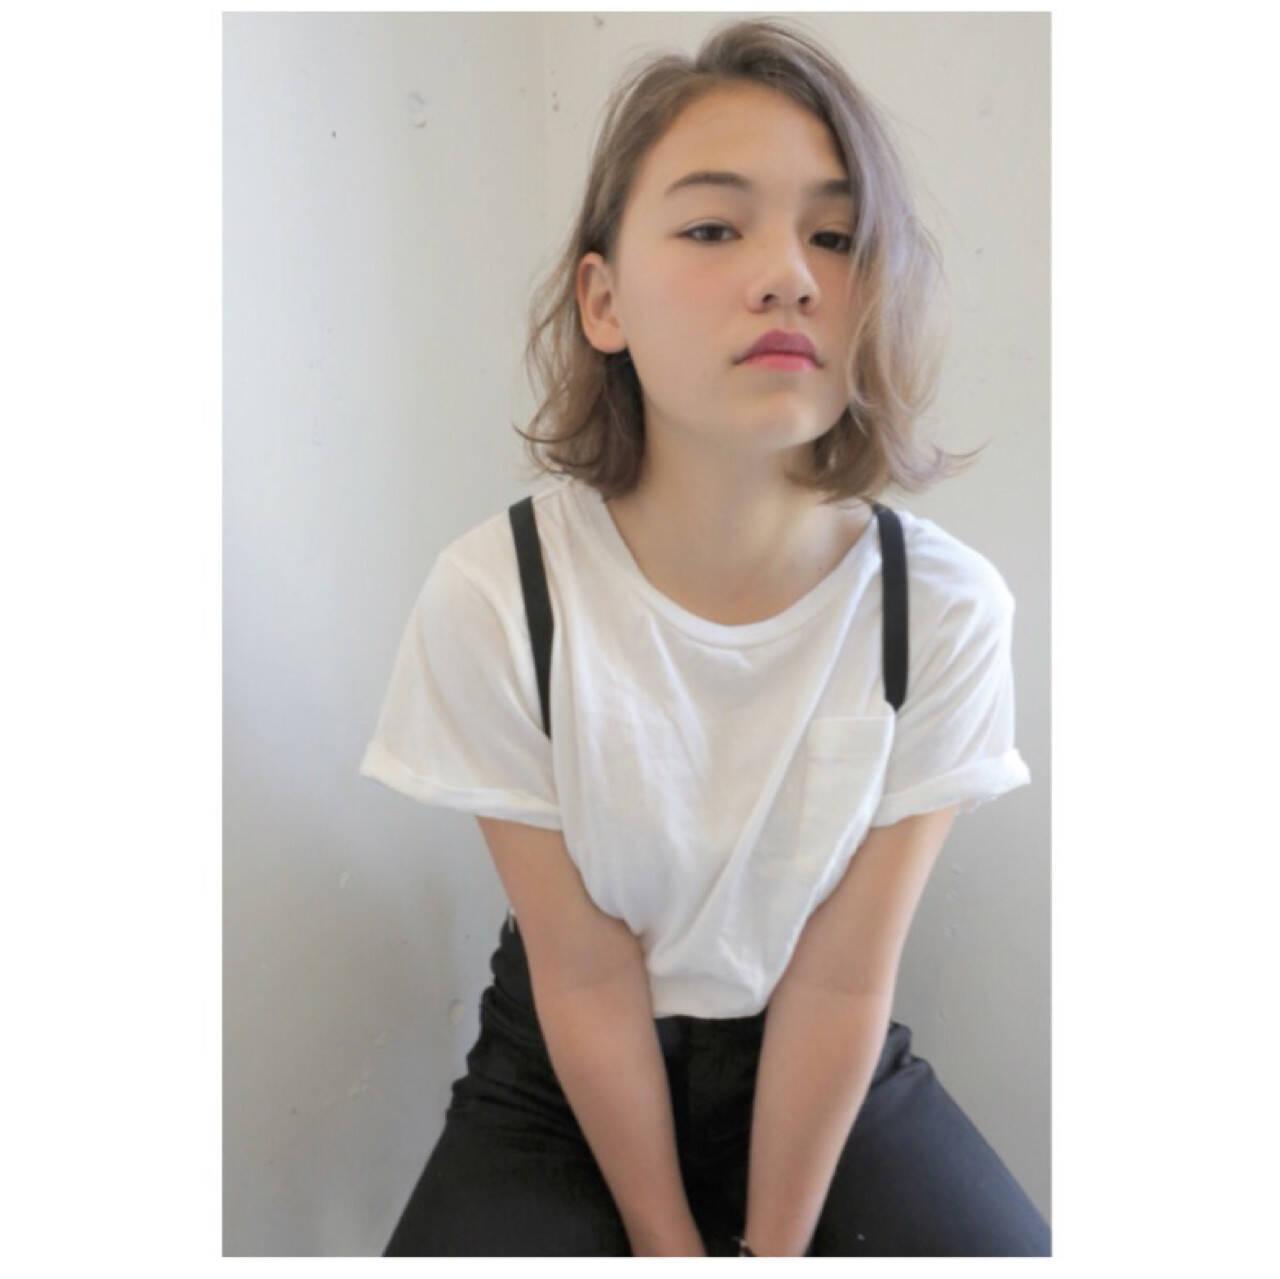 アッシュ 抜け感 パーマ ガーリーヘアスタイルや髪型の写真・画像